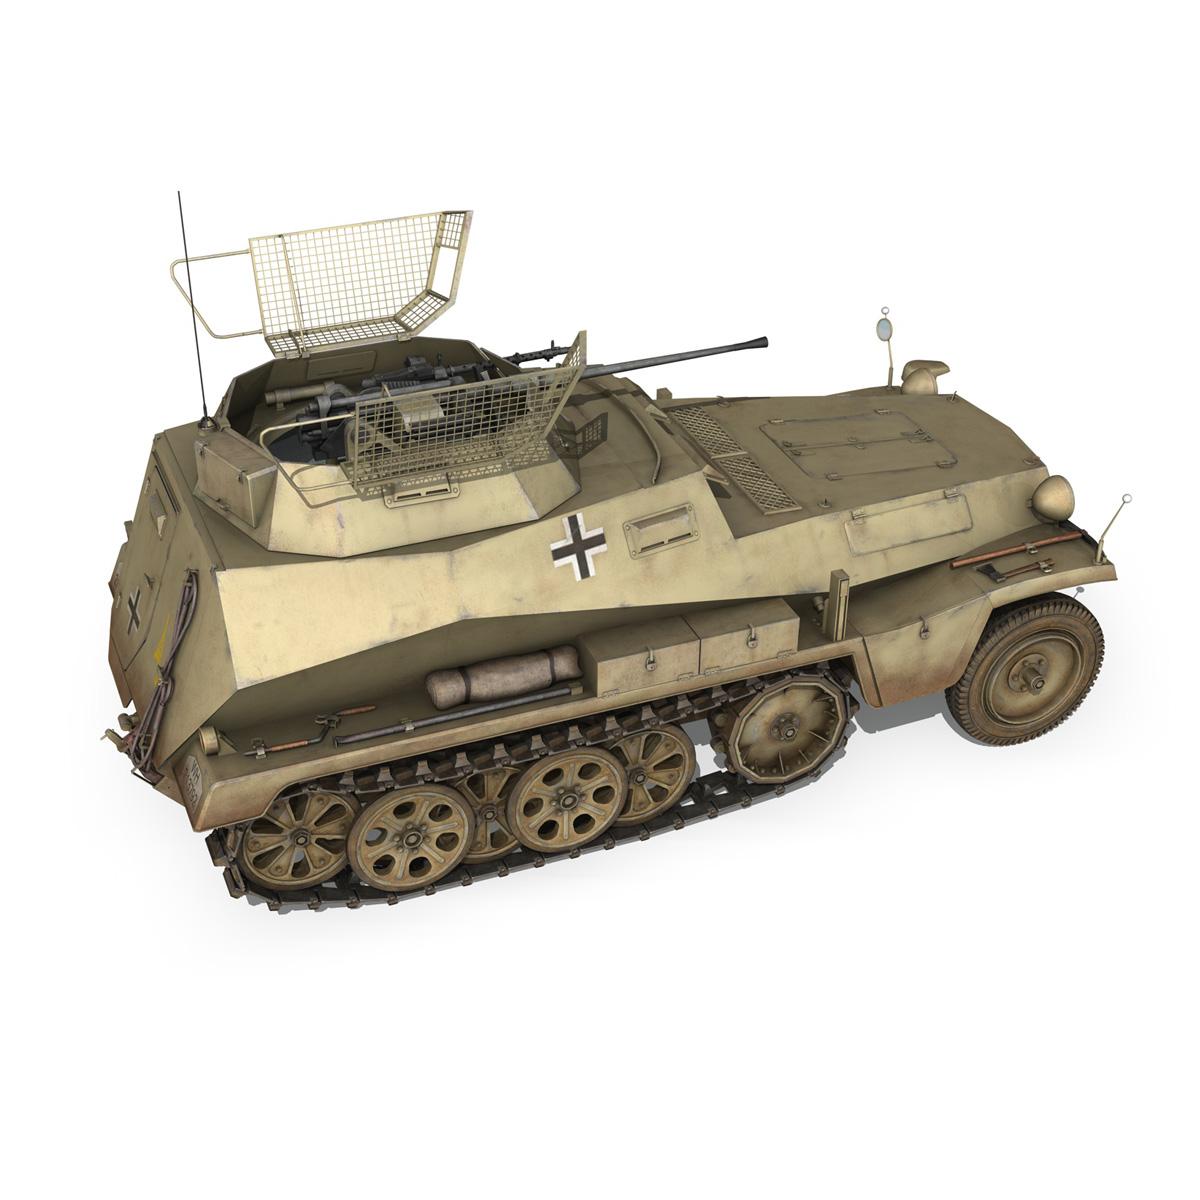 SD.KFZ 250 - Reconnaissance Halftruck - 23 PzDiv 3d model 3ds fbx c4d lwo lws lw obj 273096